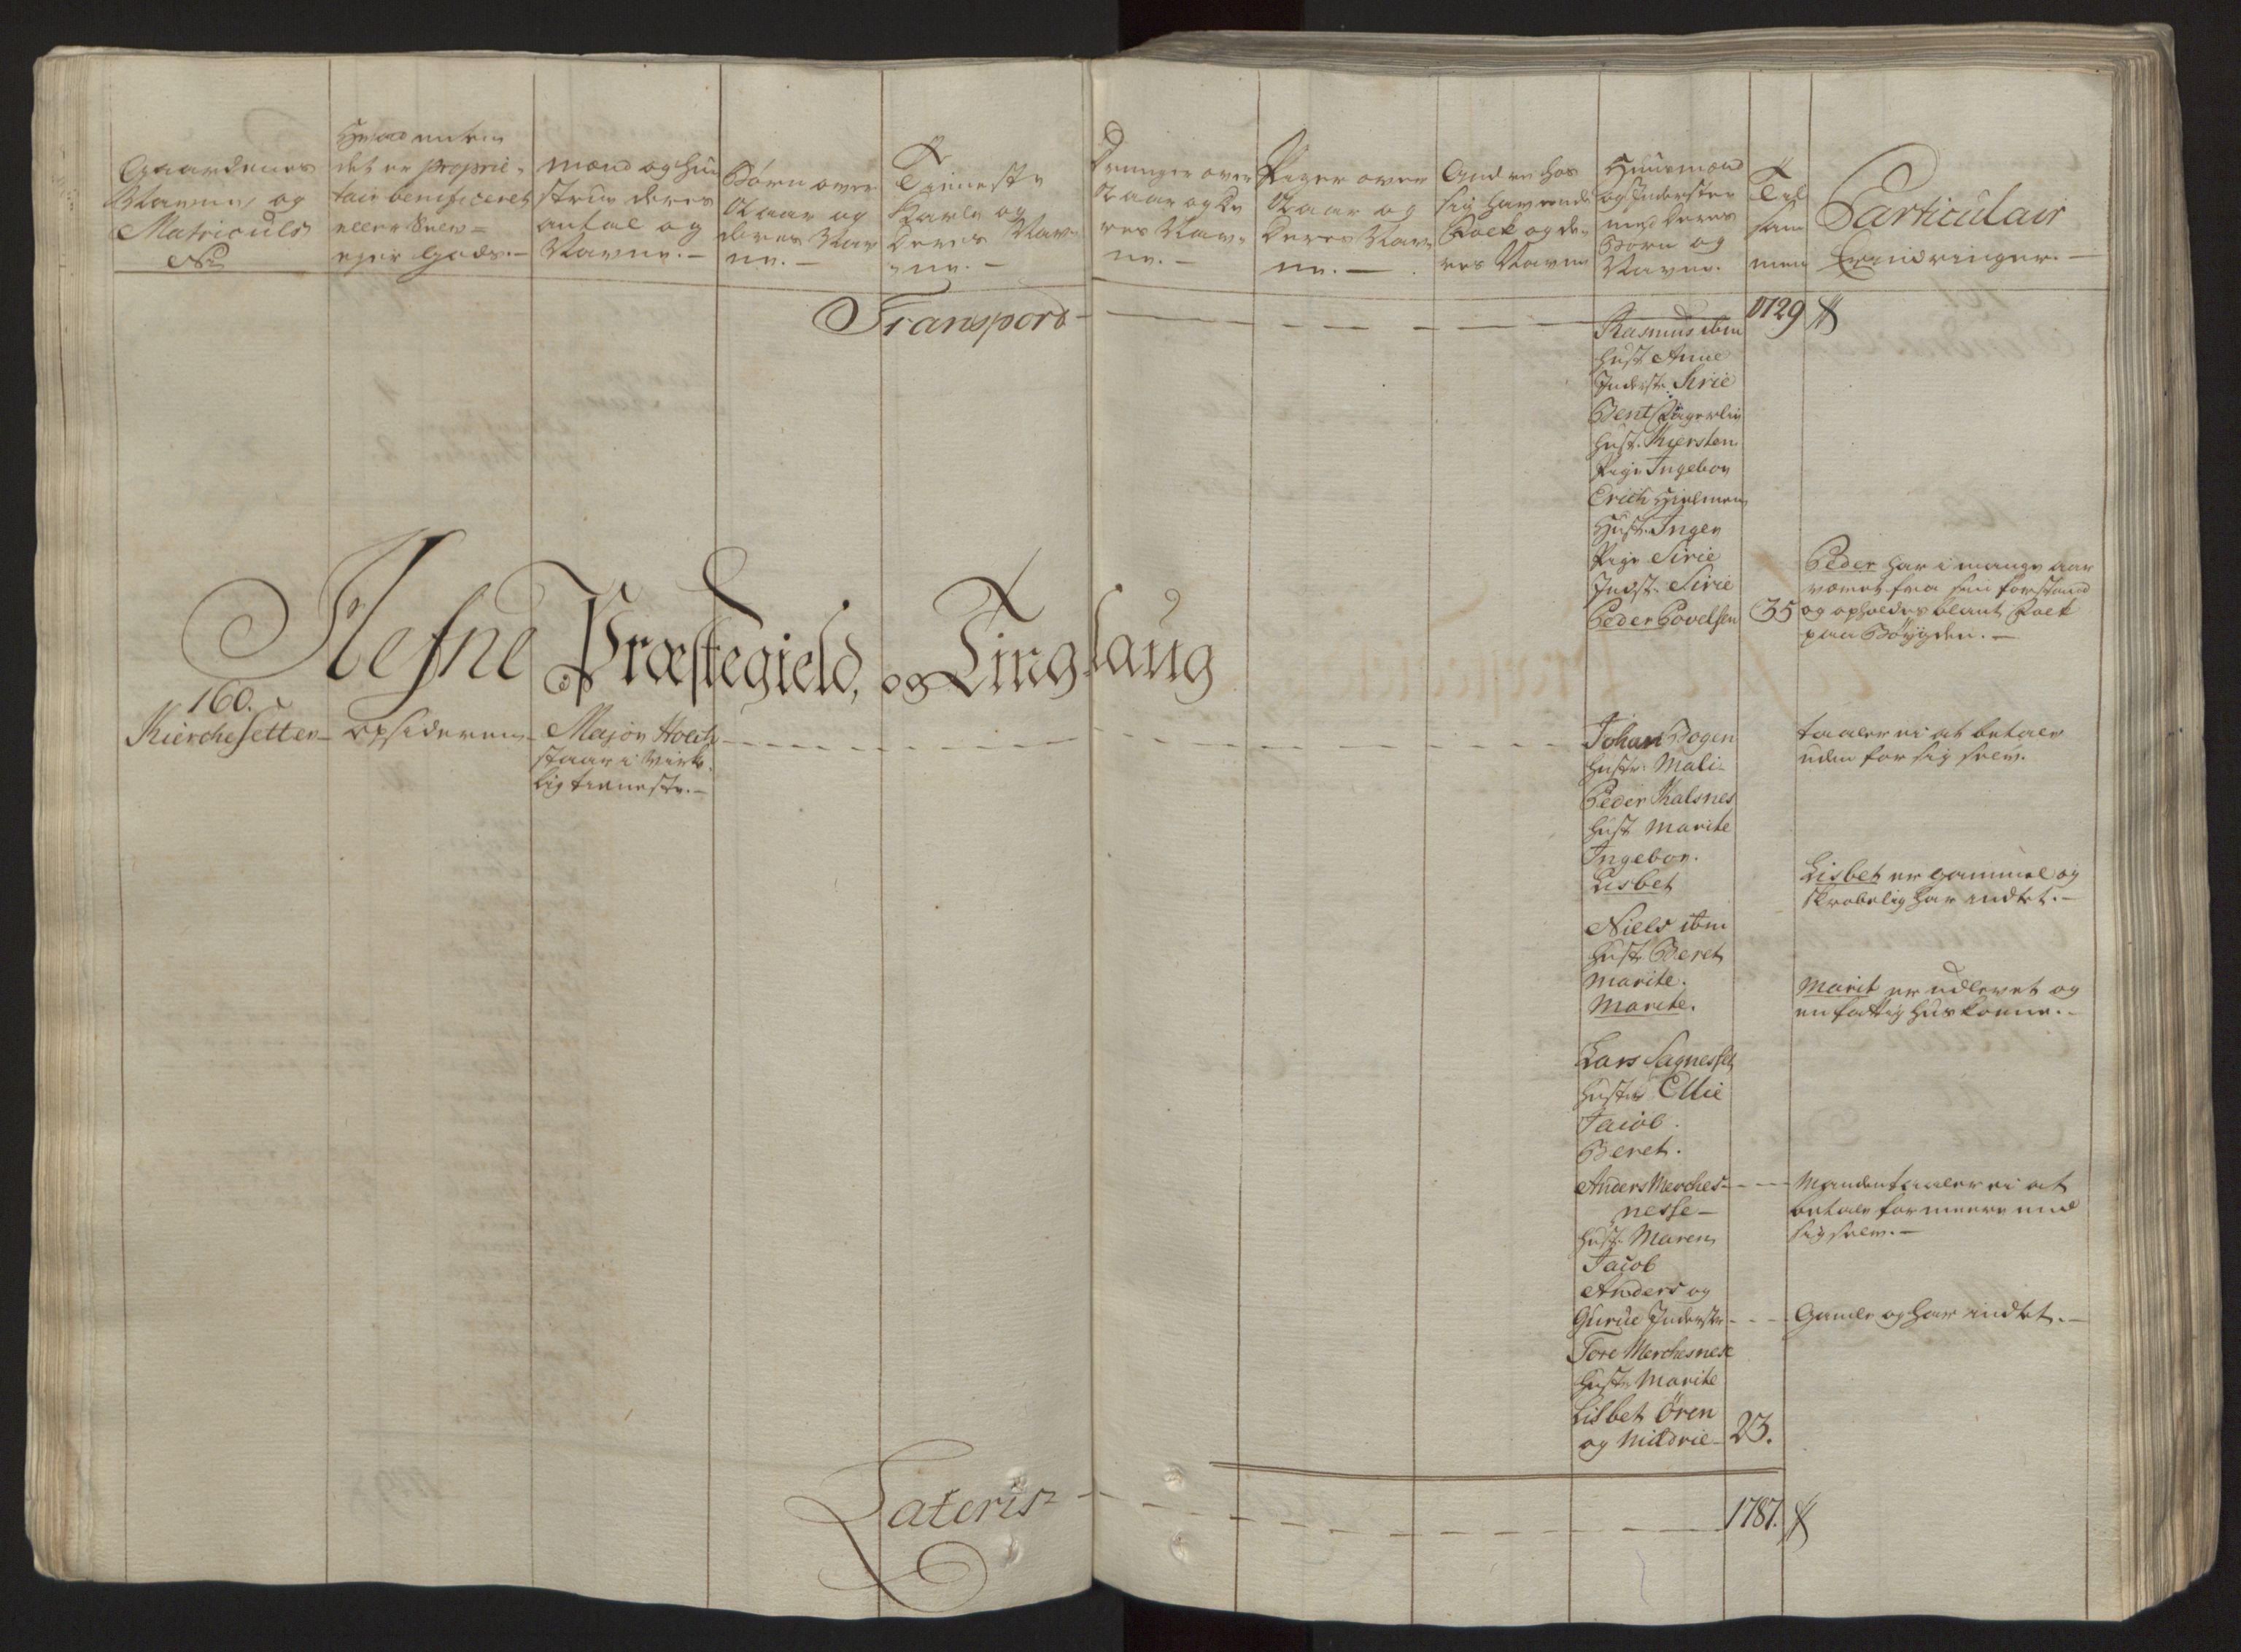 RA, Rentekammeret inntil 1814, Reviderte regnskaper, Fogderegnskap, R57/L3930: Ekstraskatten Fosen, 1762-1763, s. 47